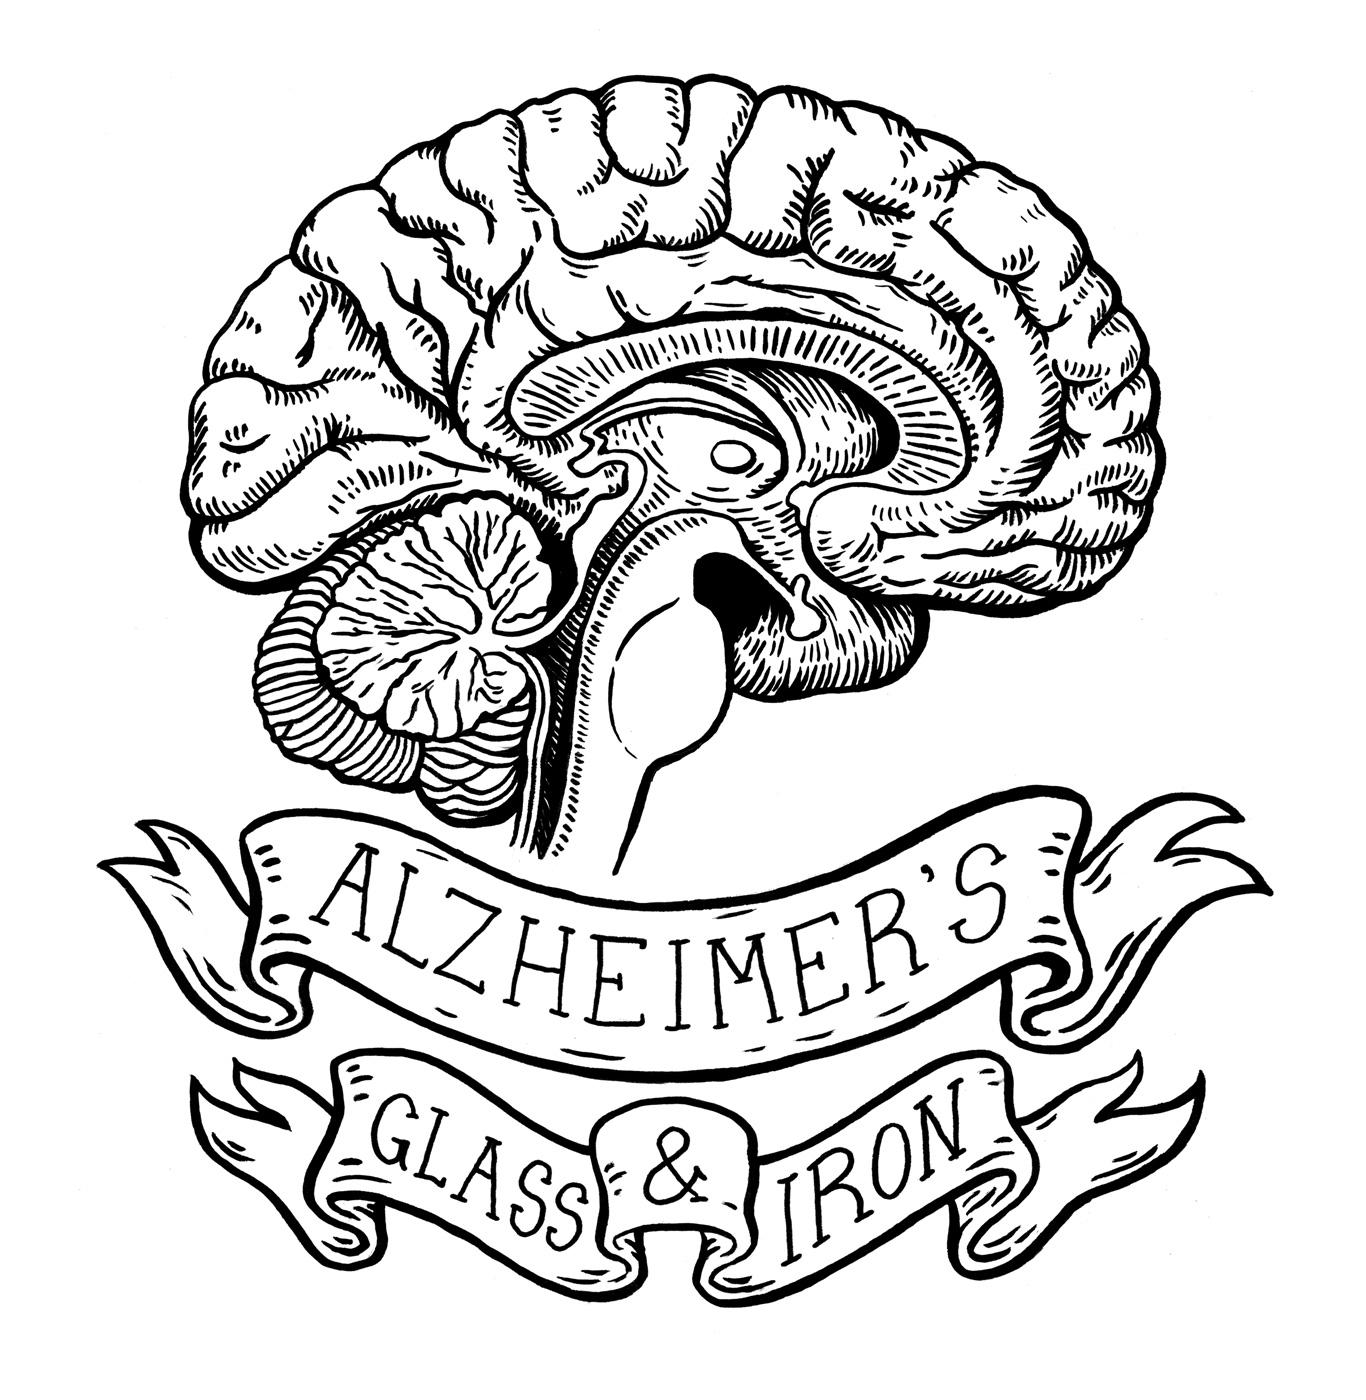 Alzheimer's Glass & Iron